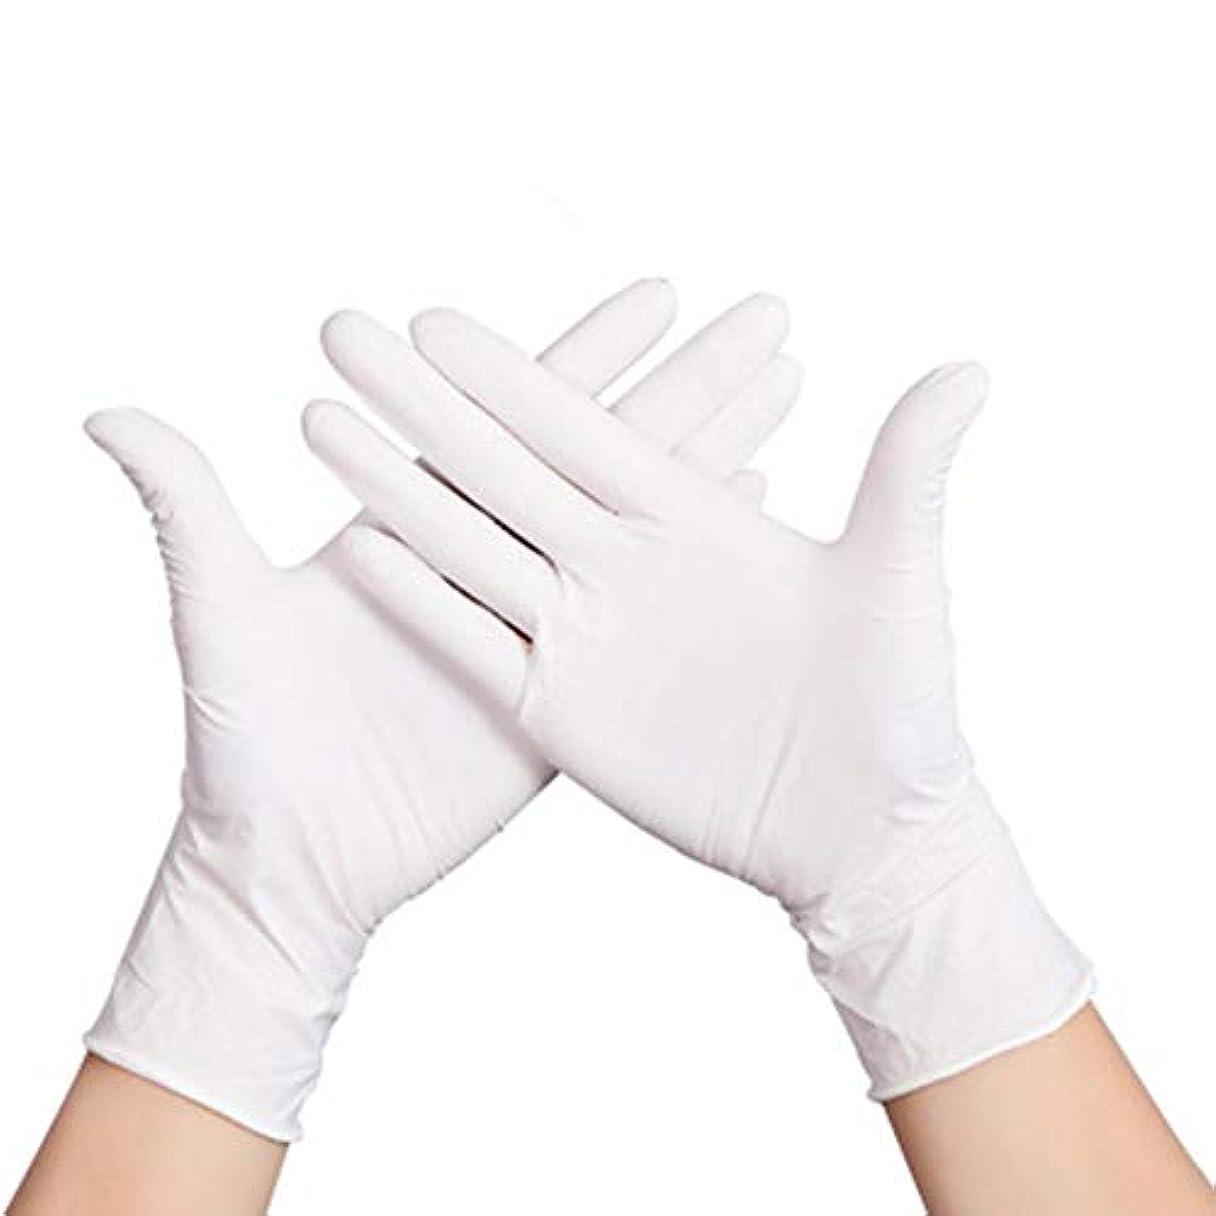 ずっと口実細い使い捨て白手袋ニトリル手袋by 50ペア、食品、ケータリング、家事、仕事、入れ墨、保護、ゴム、ラテックス手袋、商業用